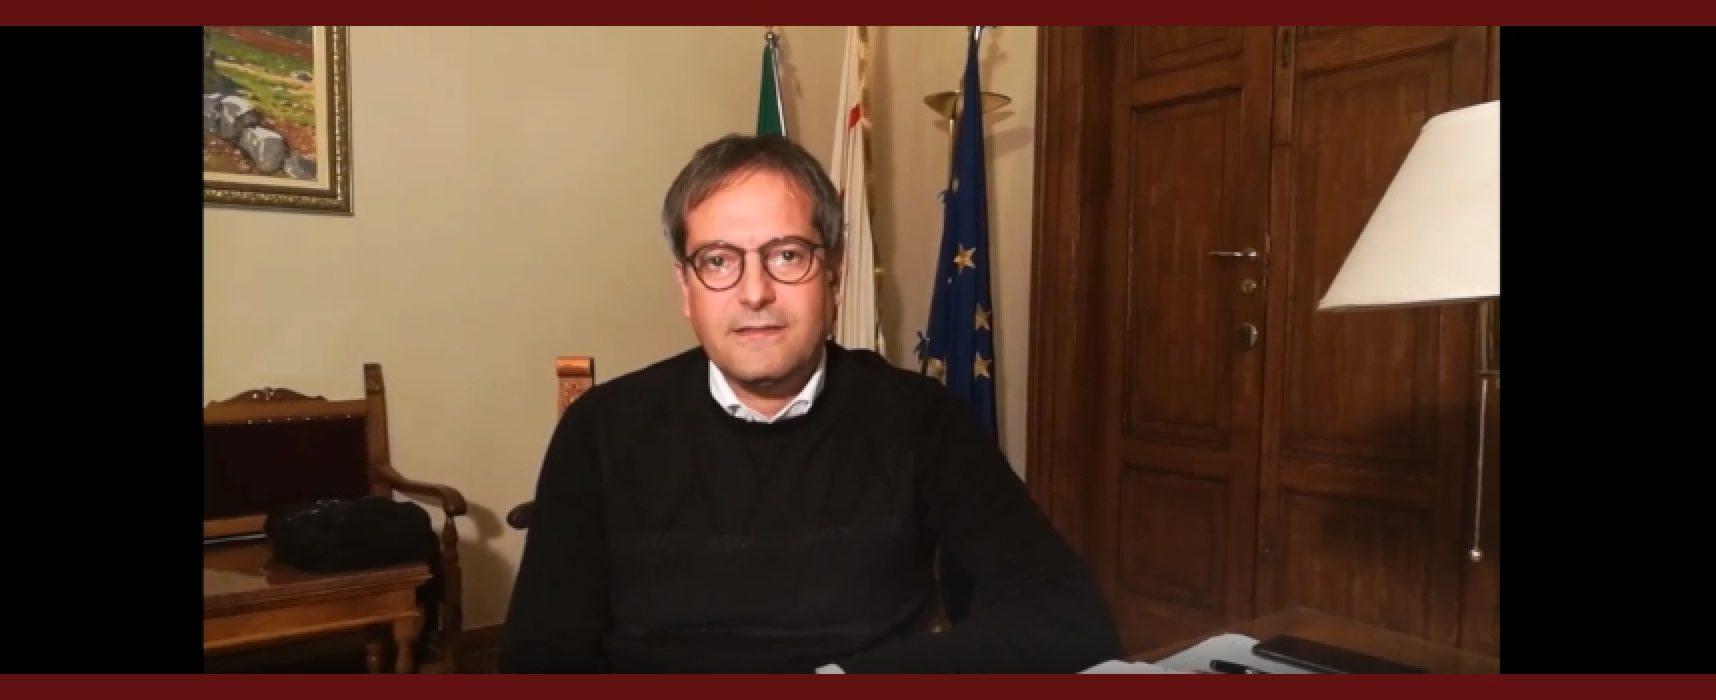 """Coronavirus, sindaco Angarano: """"Grazie a voi tutti per quello che state facendo"""" / VIDEO"""